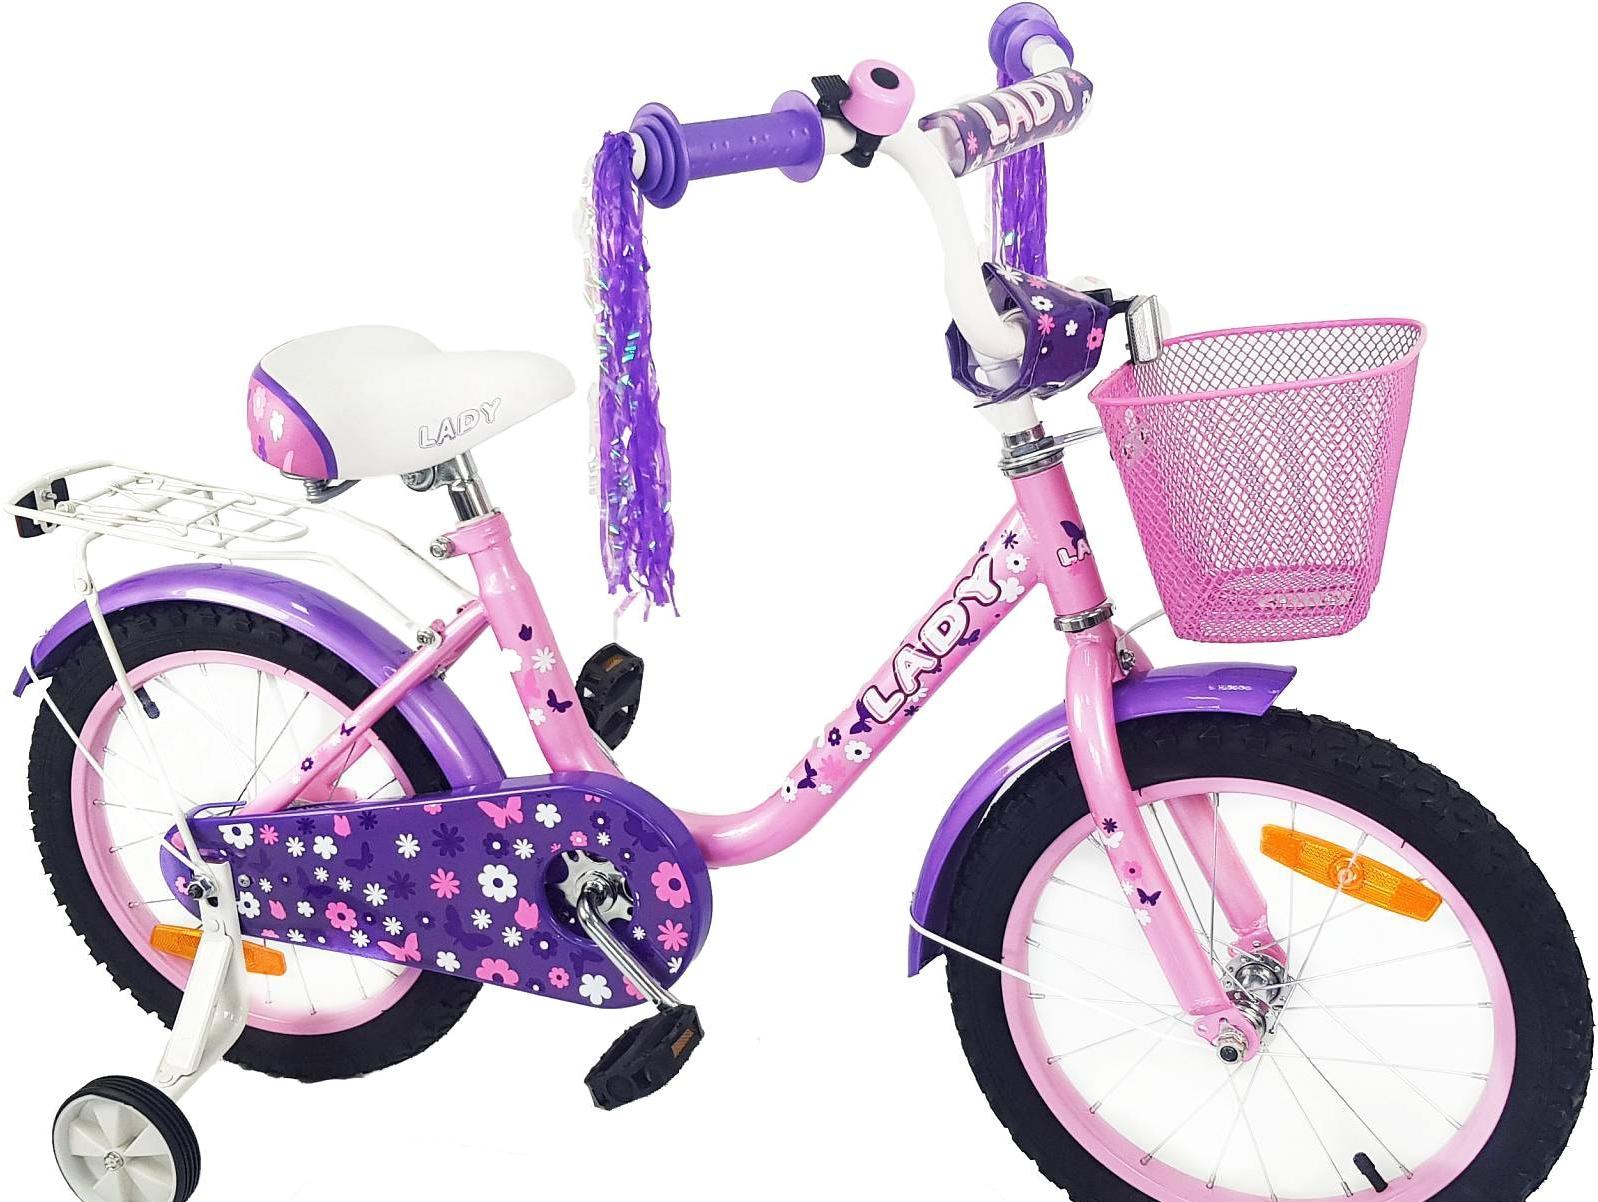 Детский велосипед Favorit Lady 16 (розовый/фиолетовый, 2019)